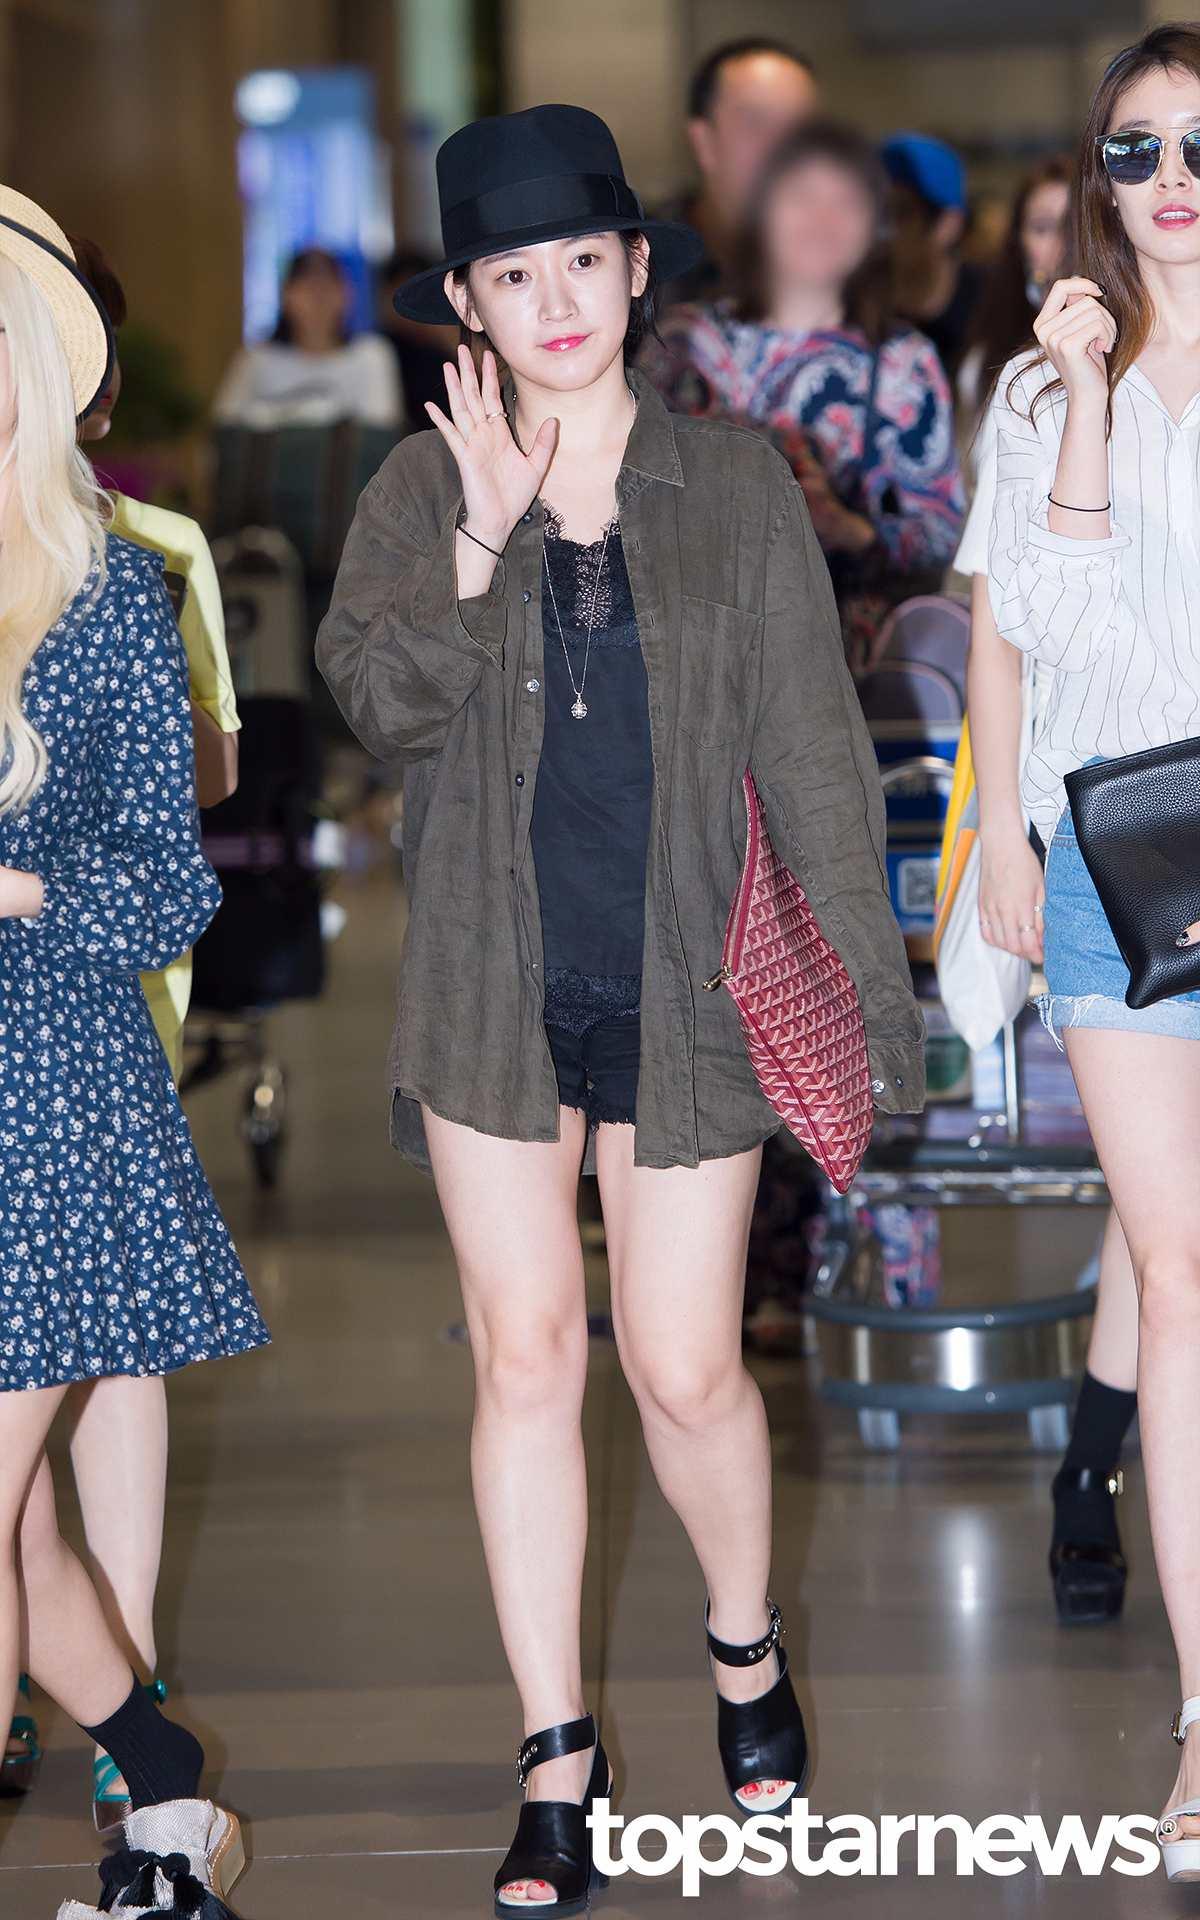 T-ARA昭妍也有類似款~裡面的黑色蕾絲若隱若現,在一片黑色穿搭中就不顯得無聊囉~